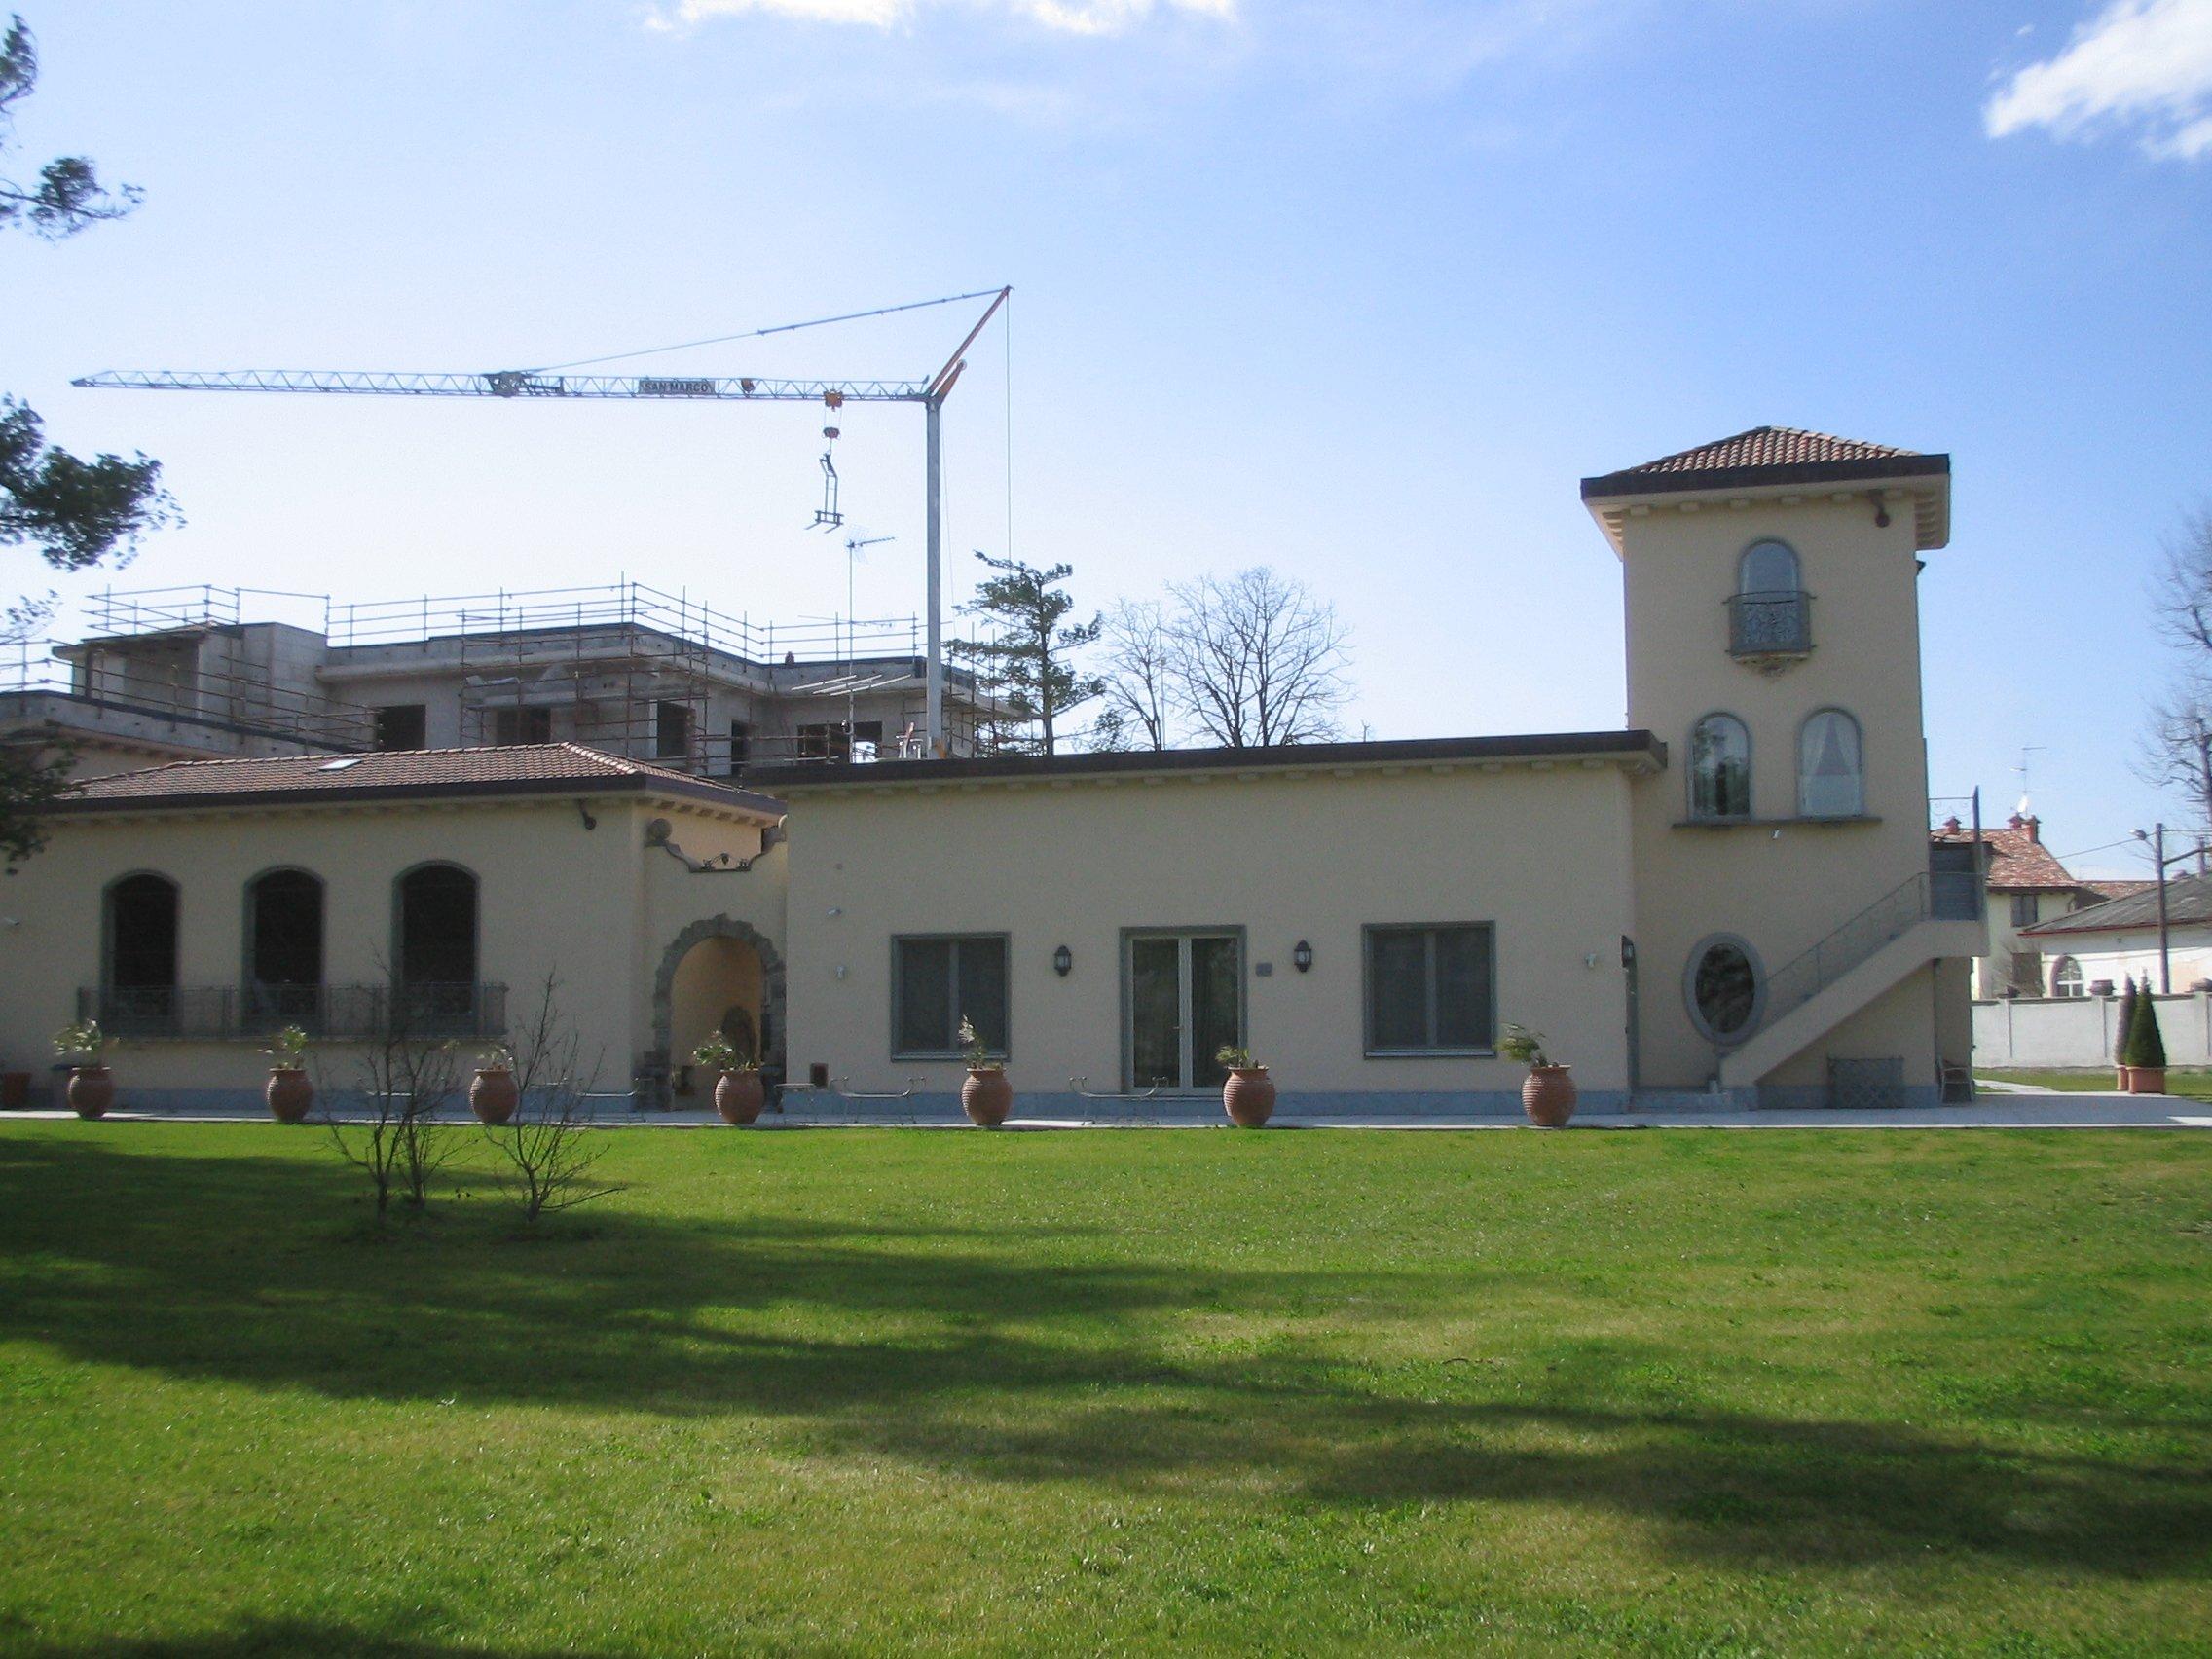 Vista dall'esterno di una villa con cortile